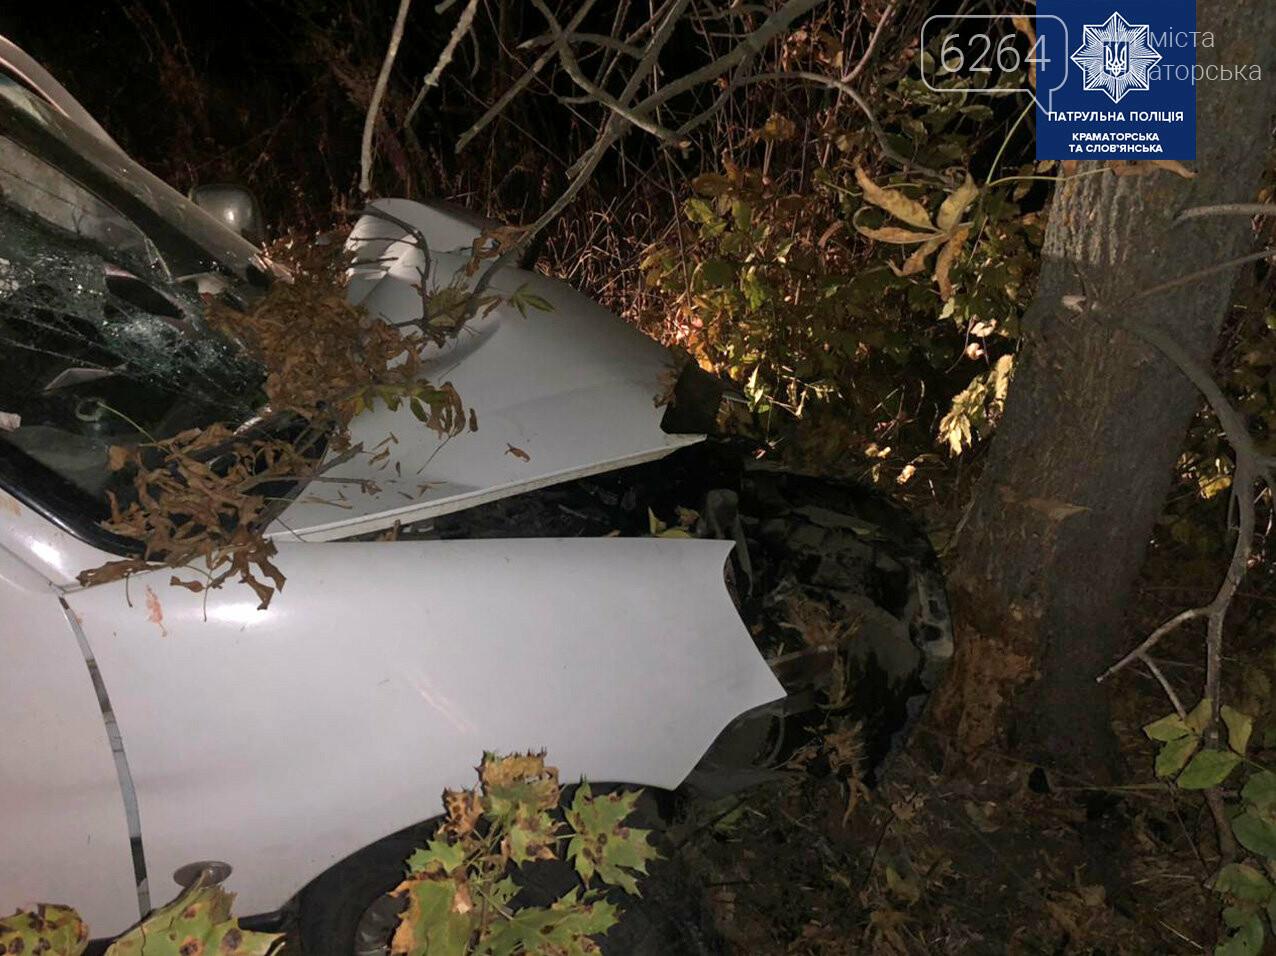 ДТП в Краматорске: Двумя протоколами и разбитым авто закончилась поездка для пьяного водителя , фото-3